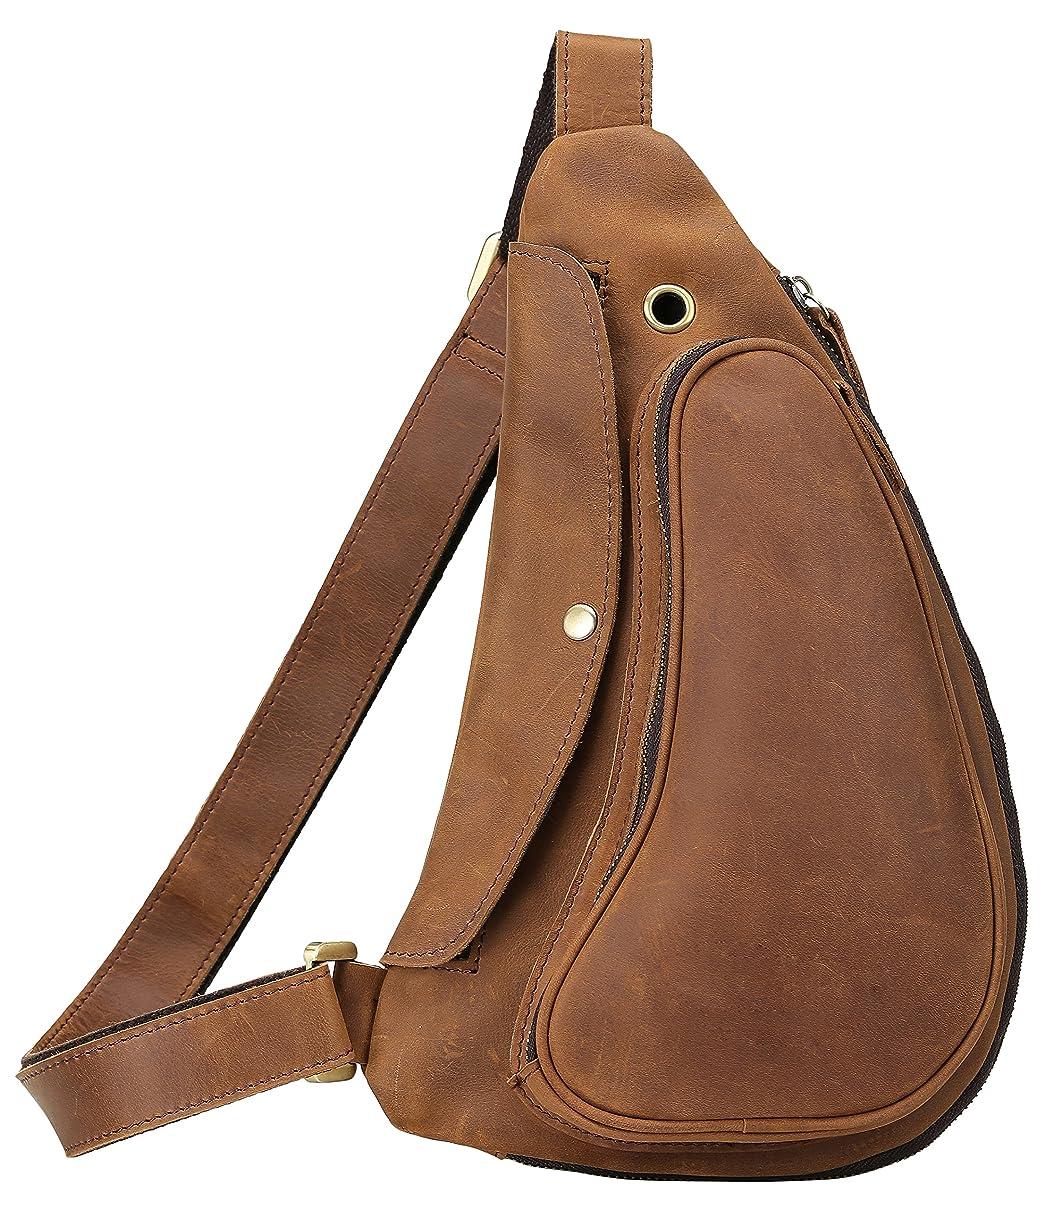 予算囲いまっすぐ[(チョウギュウ) 潮牛] 厚手牛革 本革 メンズ ボディバッグ ワンショルダーバッグ イヤホン穴付き iPadmini対応 自転車 鞄